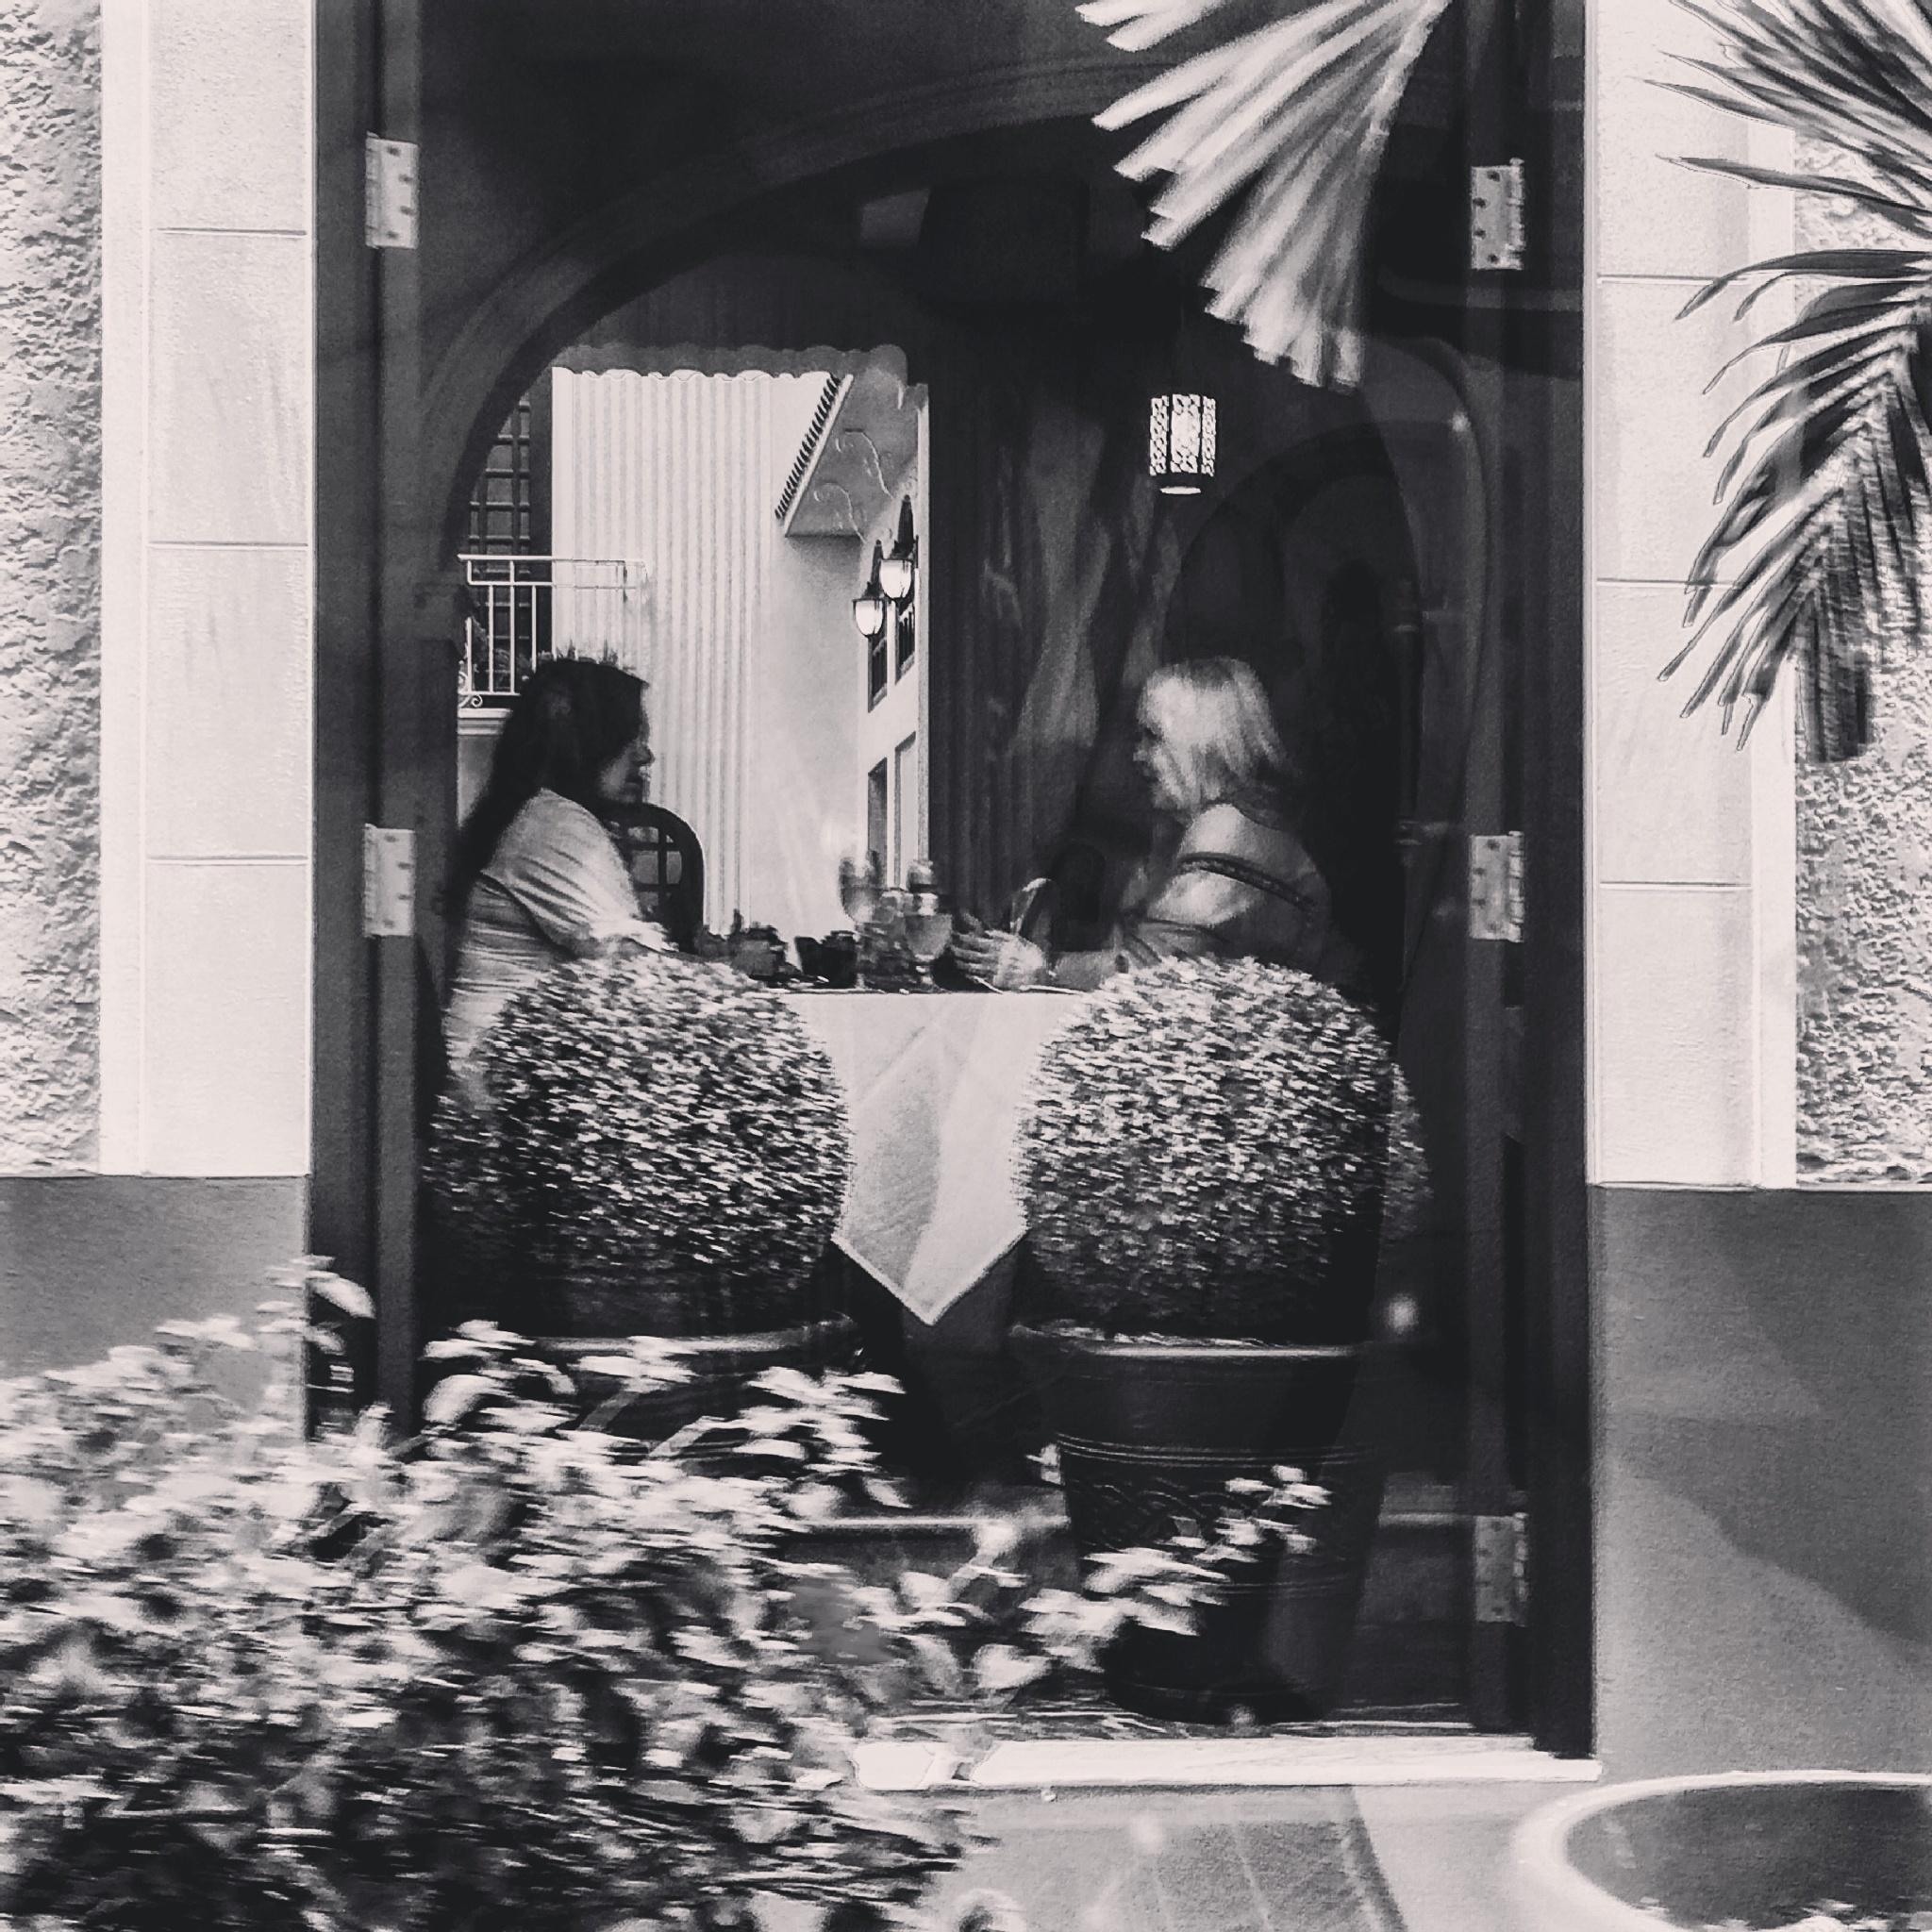 Dining by Nilda64pr